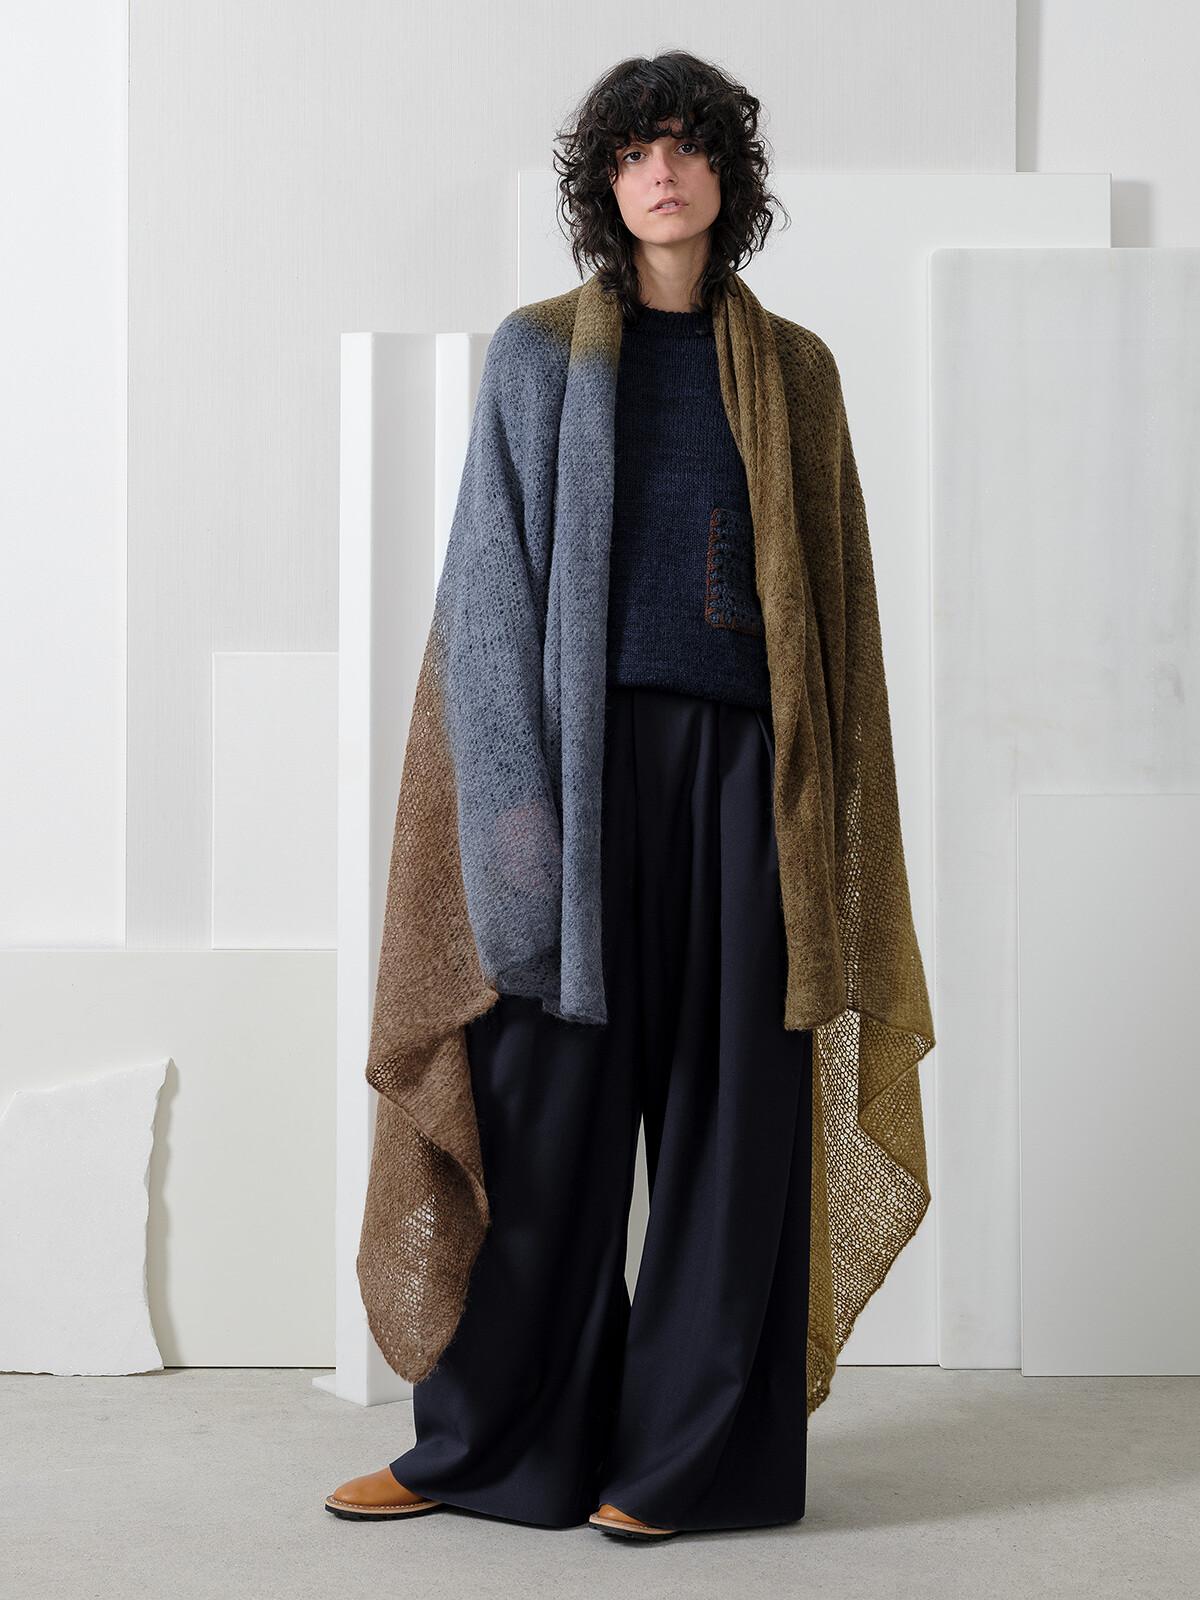 Handpainted blanket